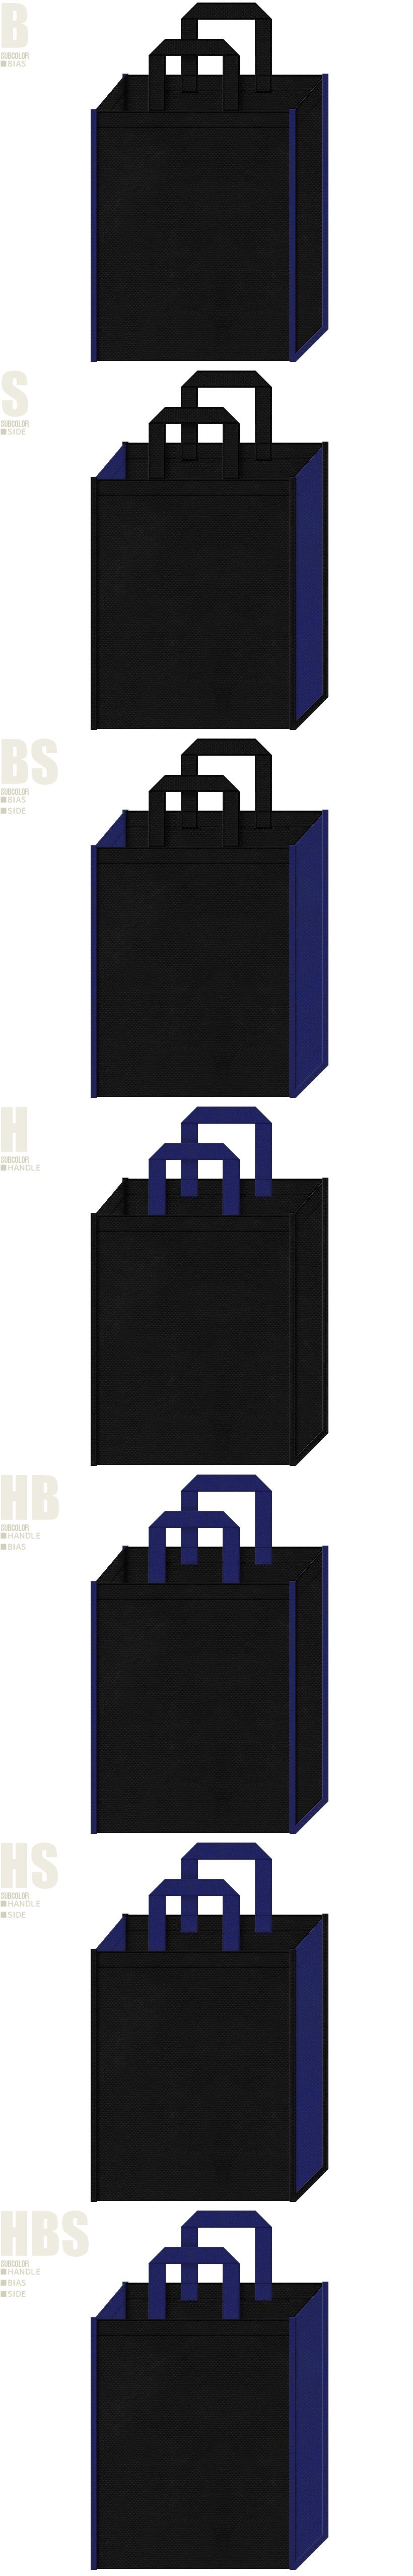 アリーナ・潜水艦・深海・ホラー・ミステリー・アクション・シューティング・対戦型格闘ゲームの展示会用バッグにお奨めの不織布バッグデザイン:黒色と明るい紺色の配色7パターン